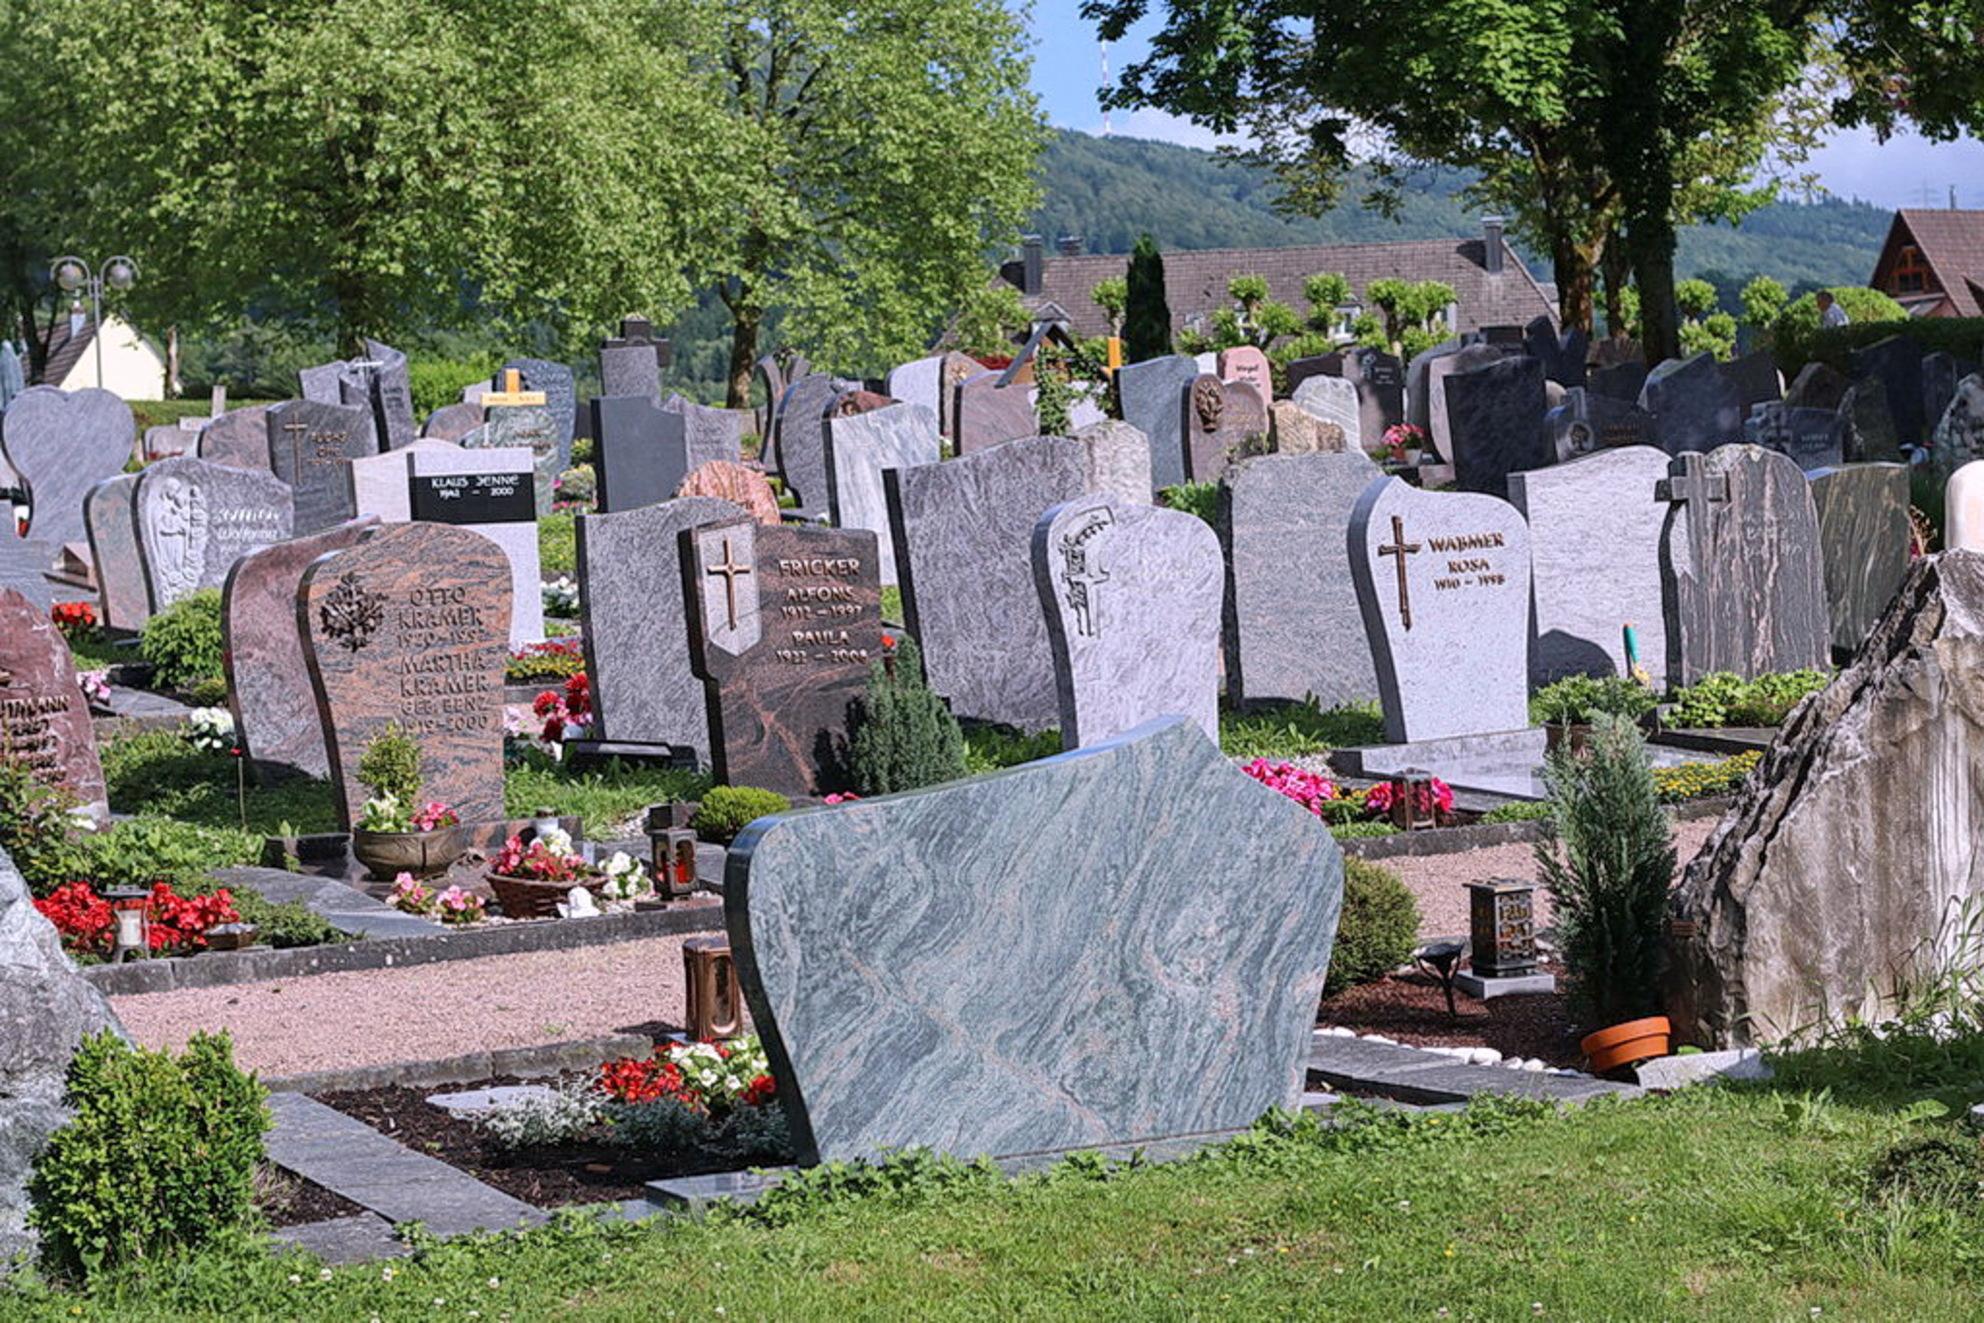 rustplaats. - Begraafplaats St. Martinus in Wehr Duitsland.  7 juni 2017. Groetjes Bob. - foto door oudmaijer op 29-06-2017 - deze foto bevat: vakantie, stilleven, kerkhof, begraafplaats, details, rustplaats - Deze foto mag gebruikt worden in een Zoom.nl publicatie